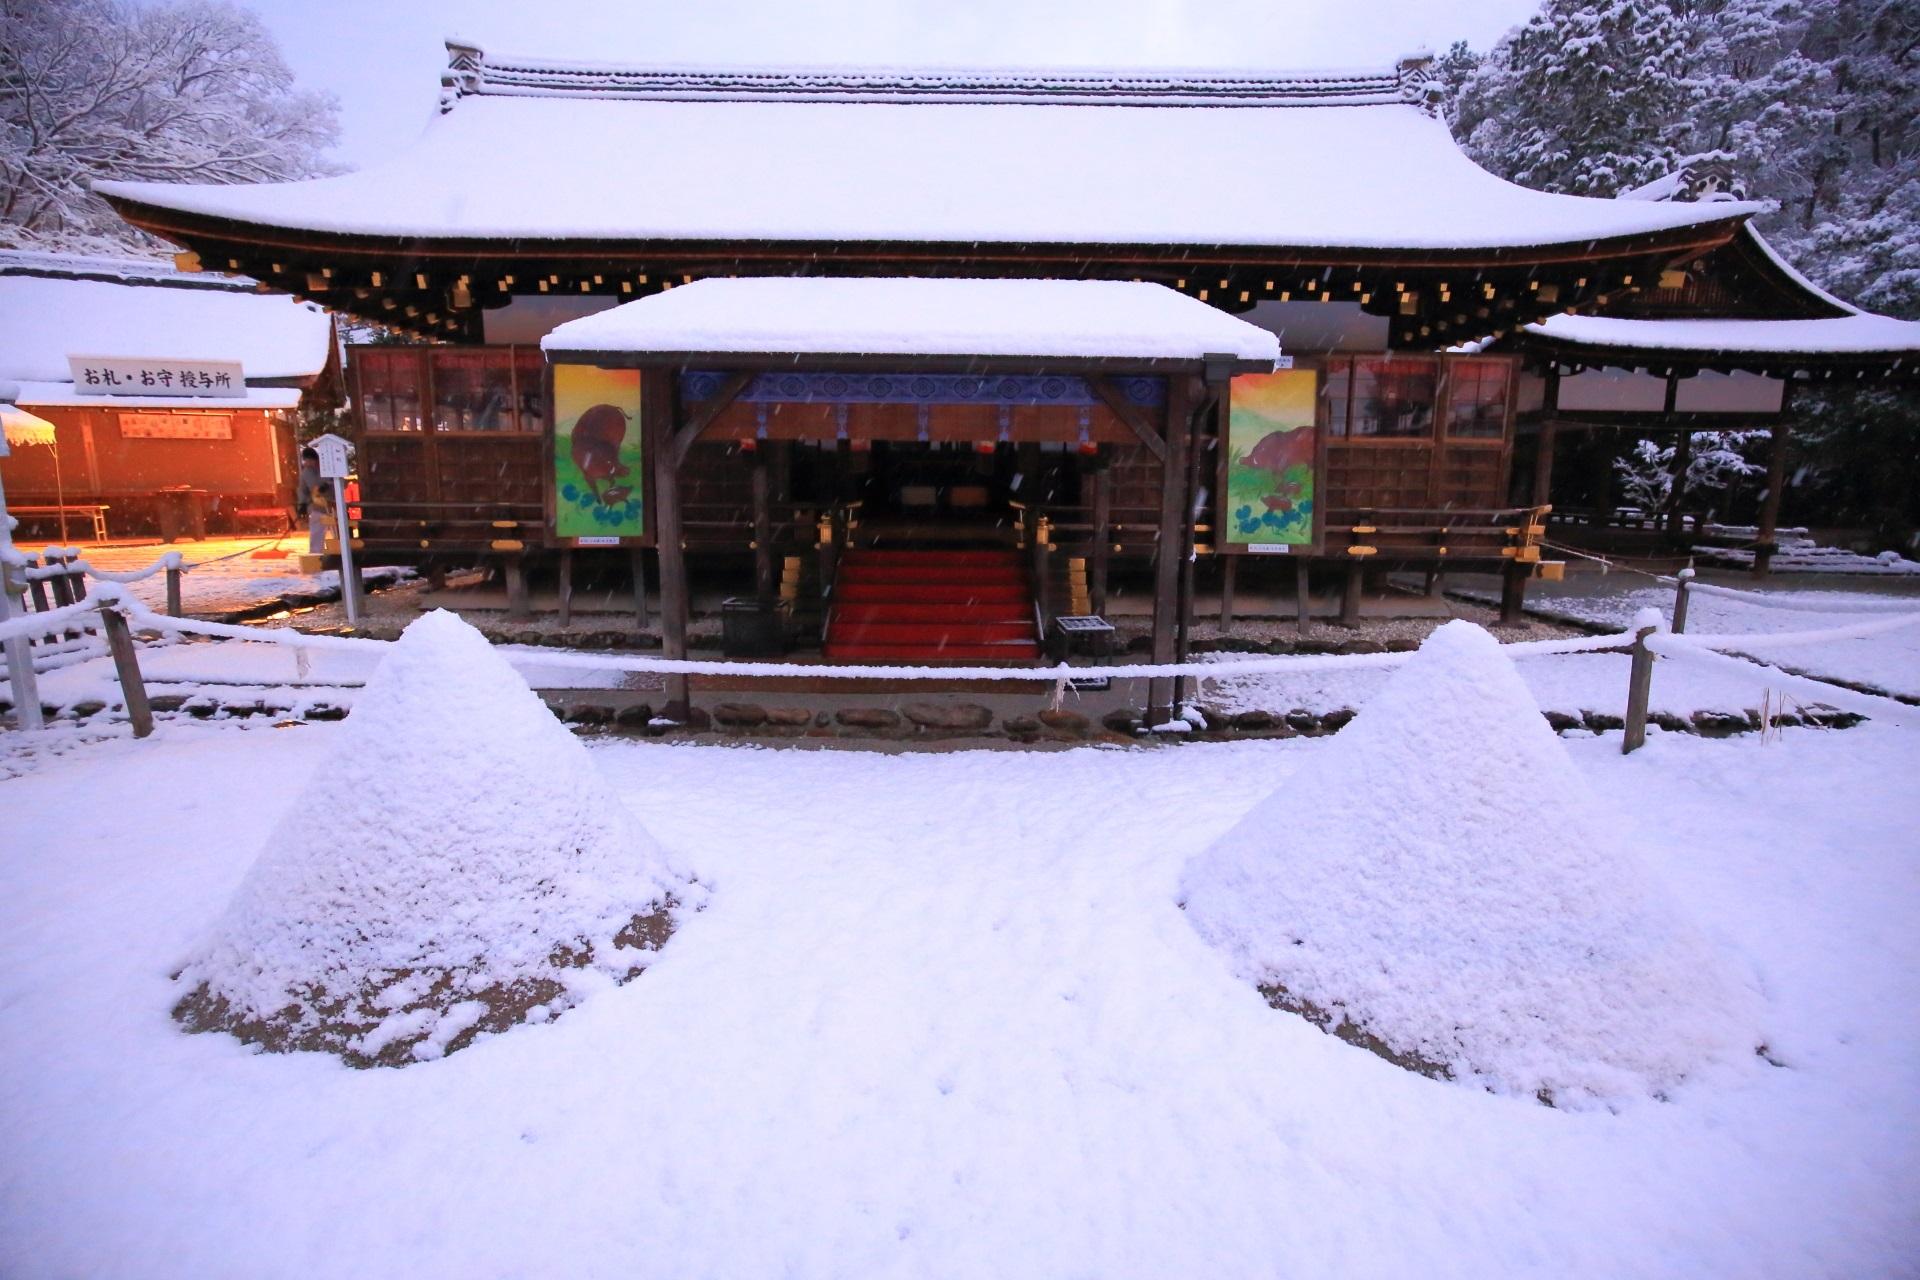 上賀茂神社の細殿と立砂の上品な雪景色